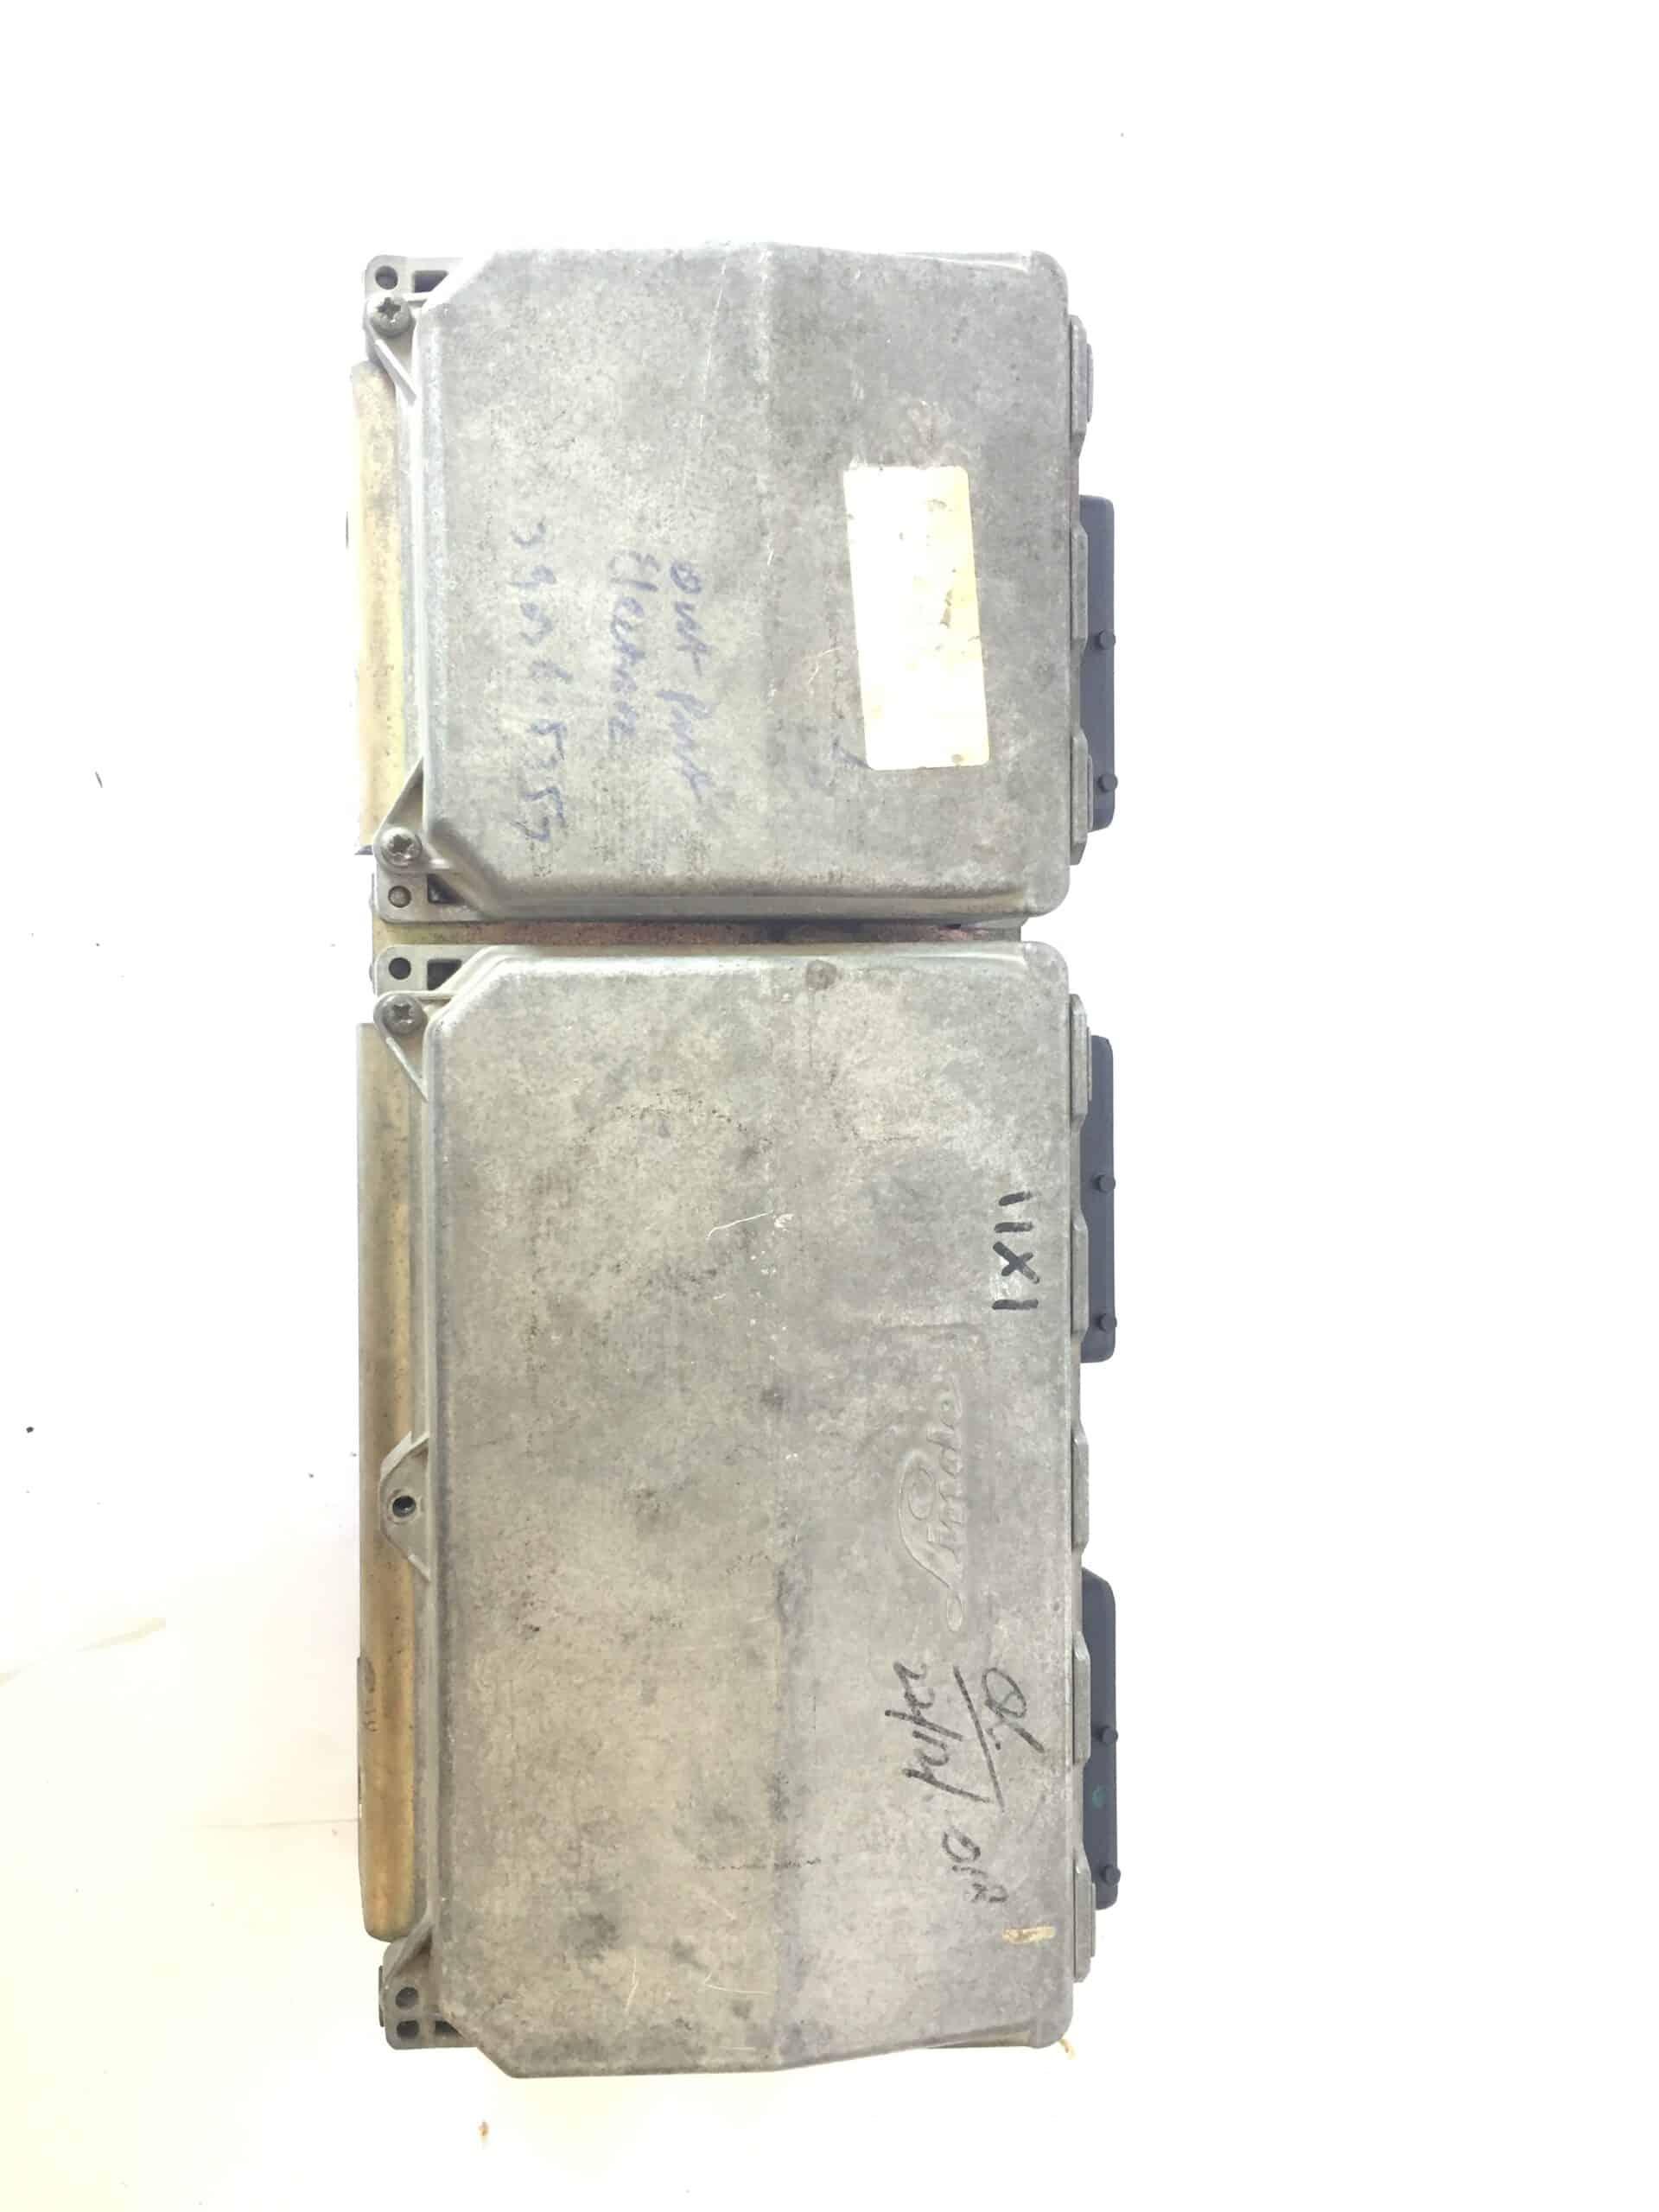 | Lift electronics assy. | Fazl-e-Rasheed and Company October 2021